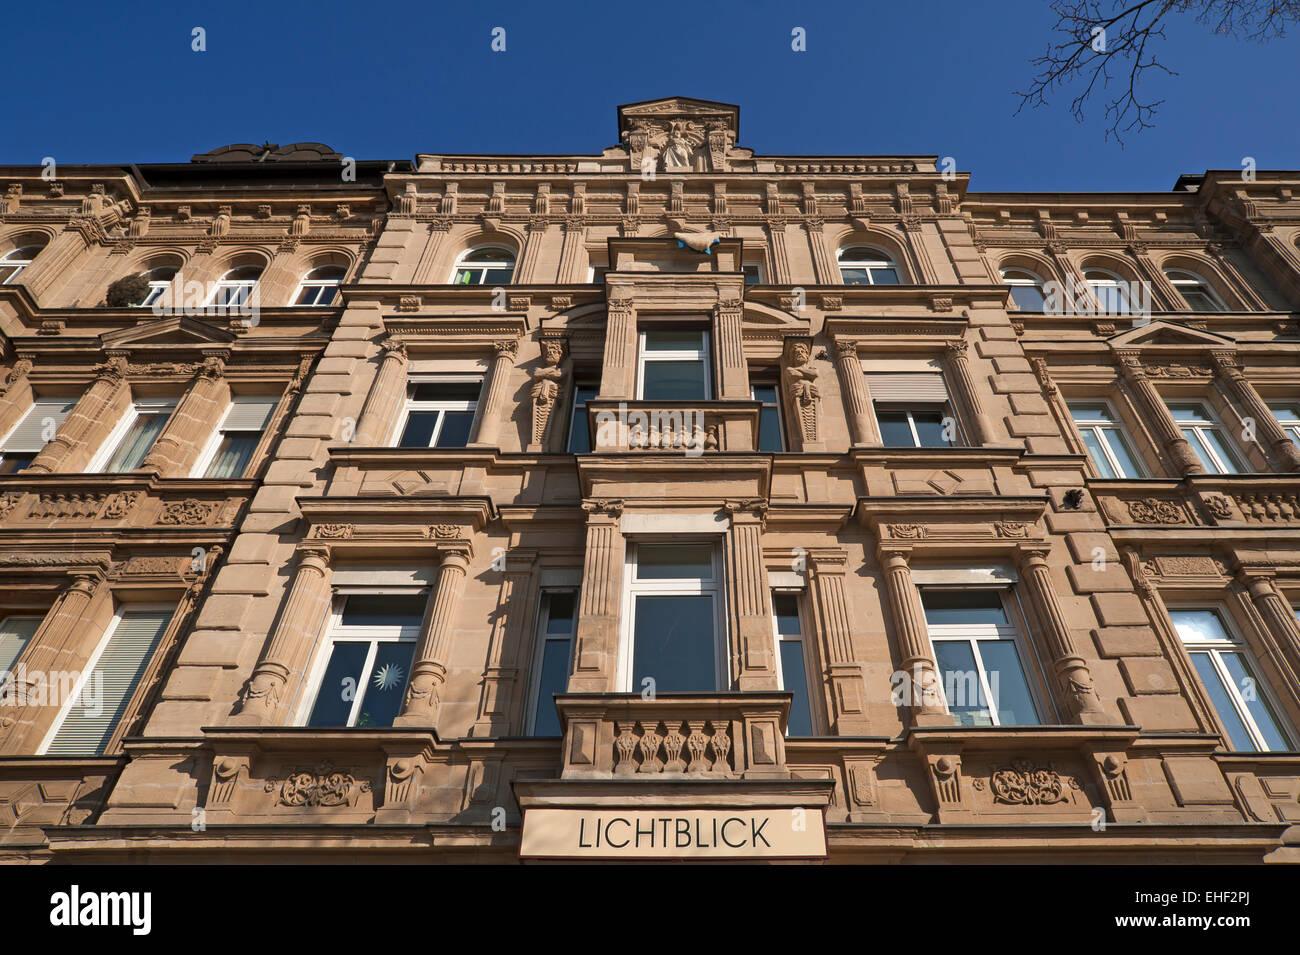 Herrenhaus aus dem 19. Jahrhundert, Fürther Straße, Nürnberg, Mittelfranken, Bayern, Deutschland Stockbild